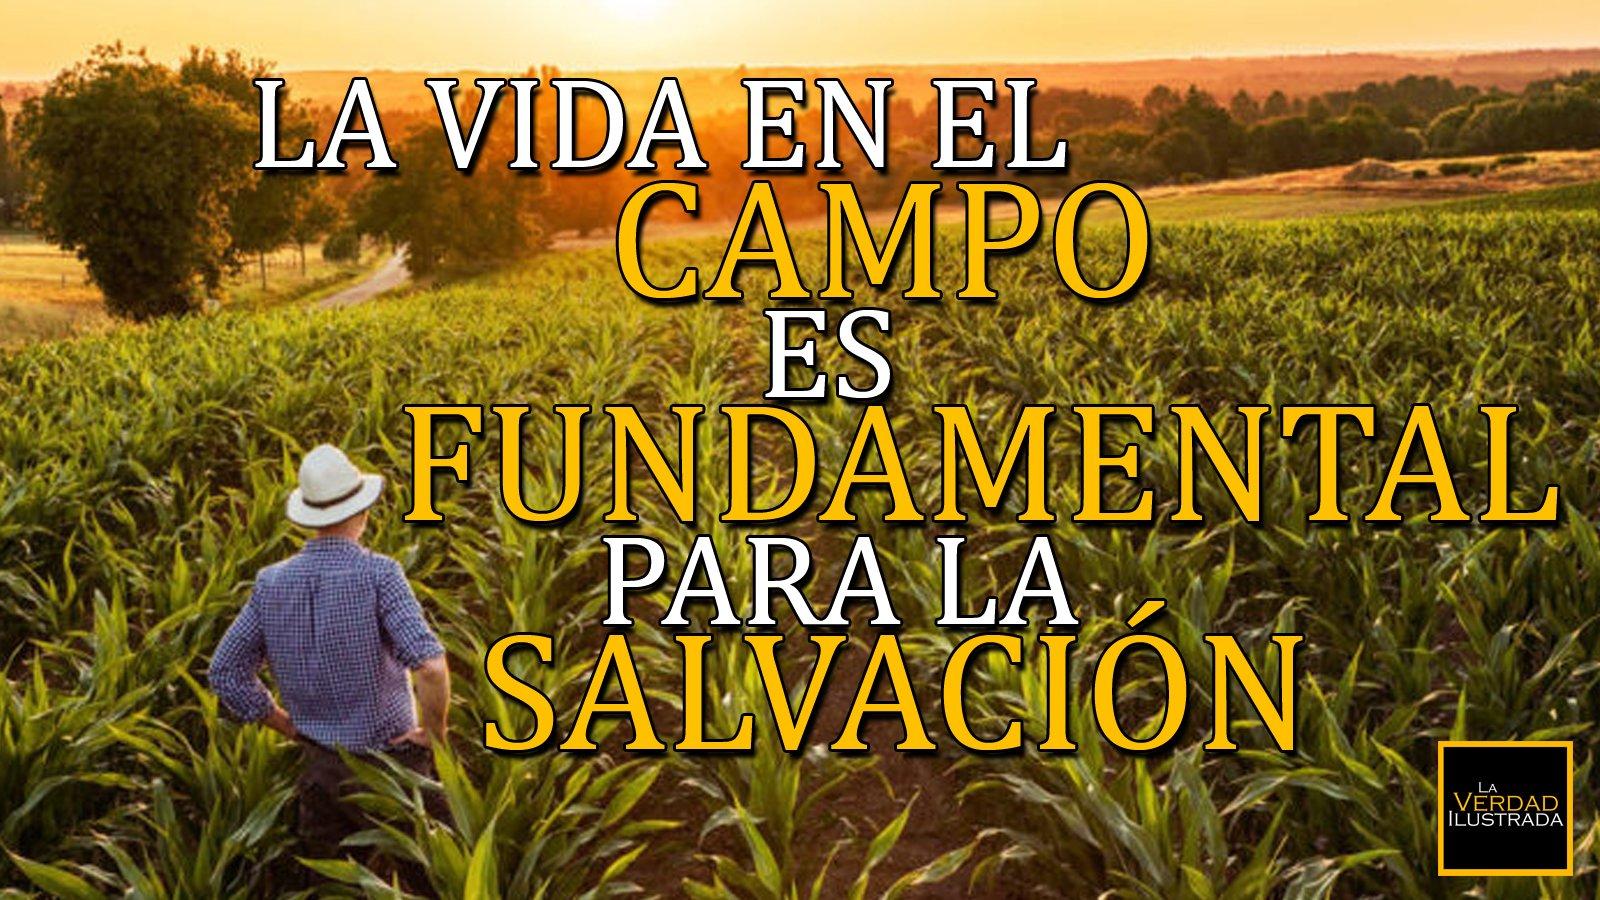 La vida en el campo es fundamental para la salvación